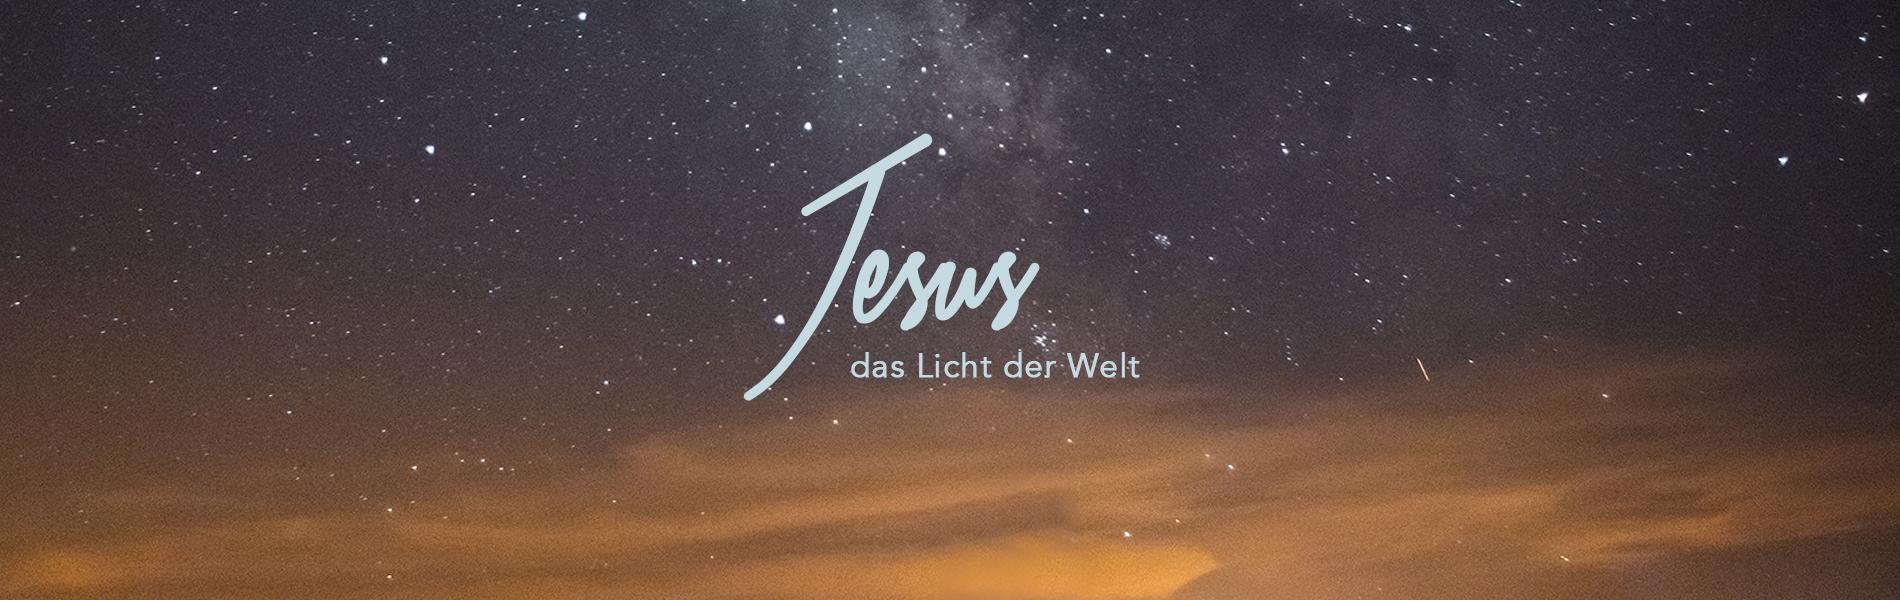 12_Dec_Jesus_Light_Of_The_World_DE Home   New Creation TV